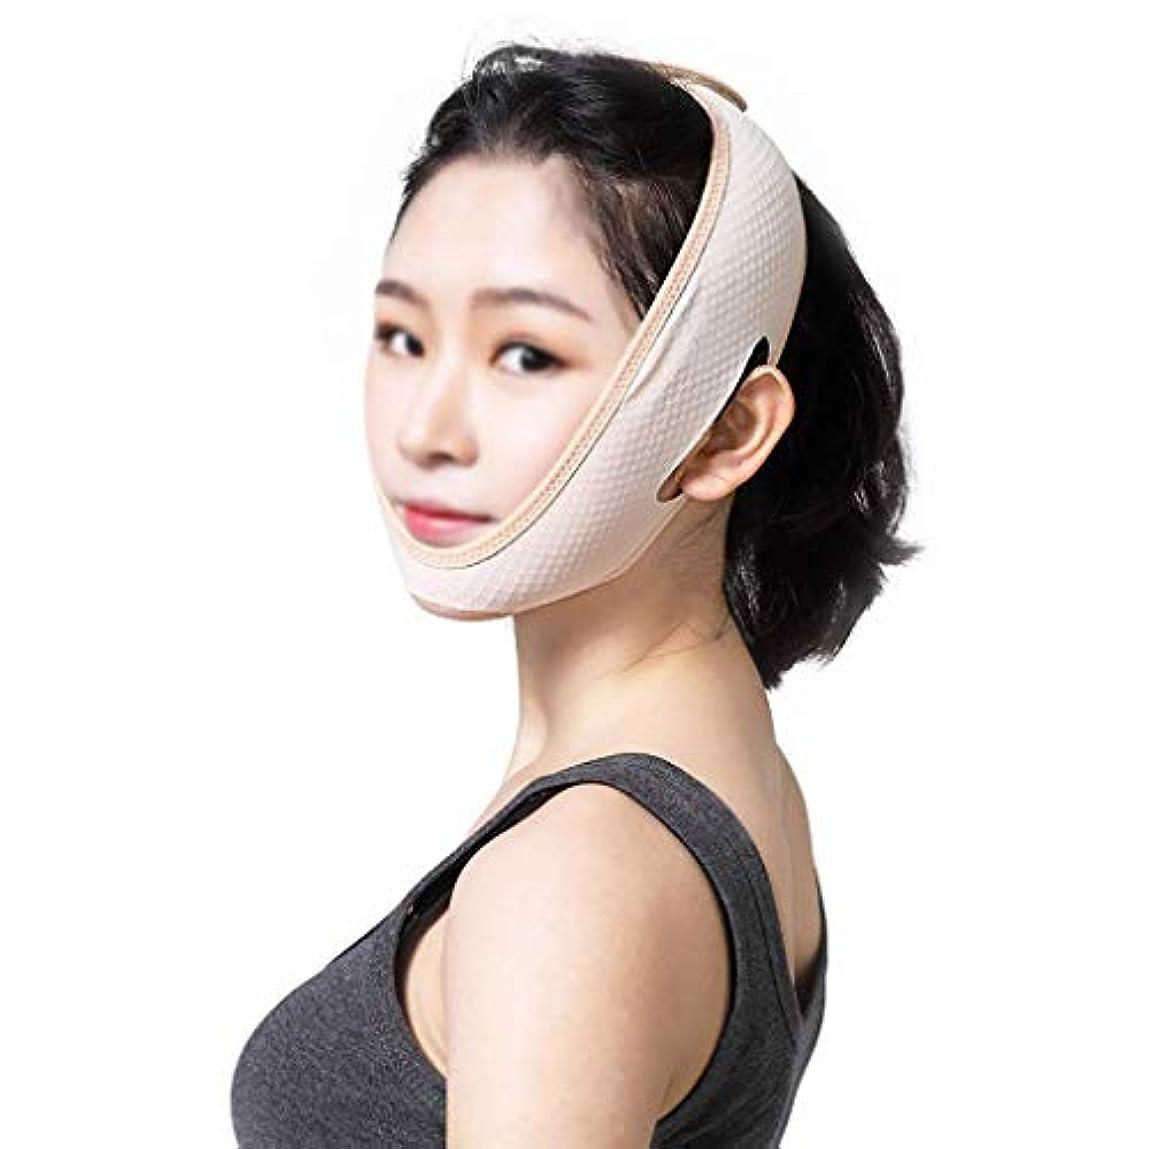 ライン通信網いくつかのフェイスリフトマスク医療美容ライン彫刻術後回復マスクvフェイスリフティングタイトヘッドギアあごあご包帯薄い顔楽器アーティファクト